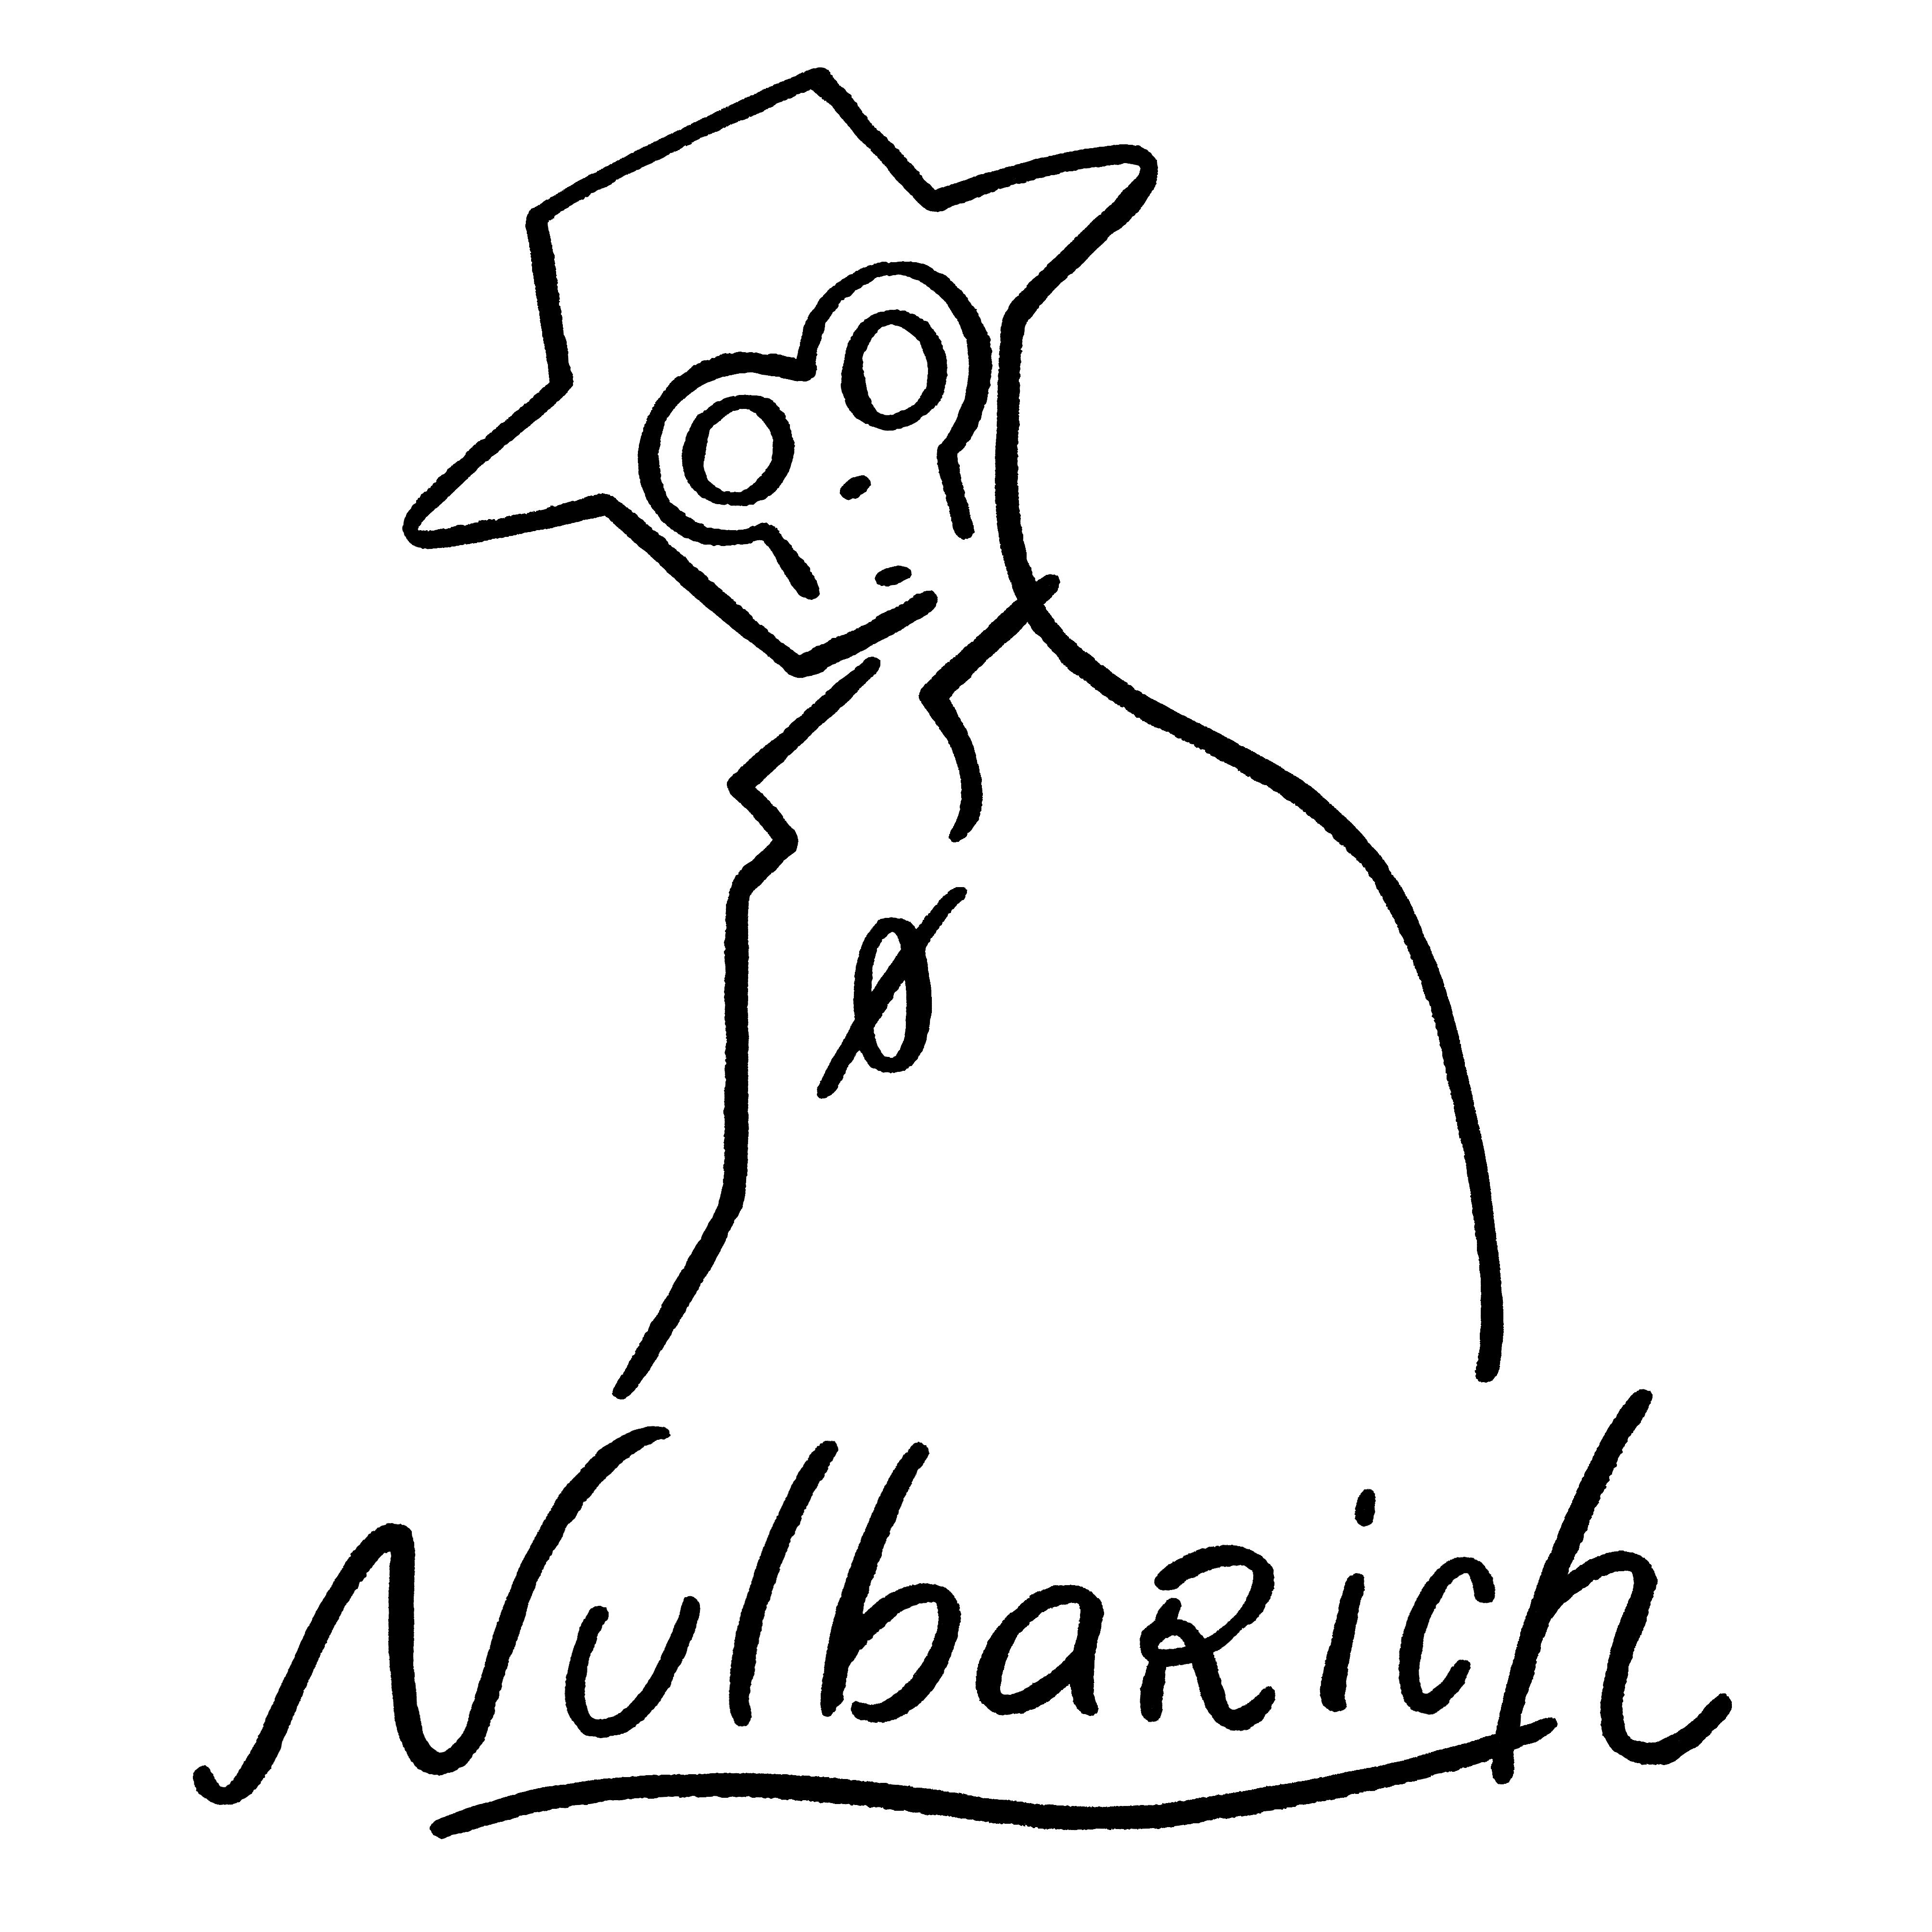 Nulbarich